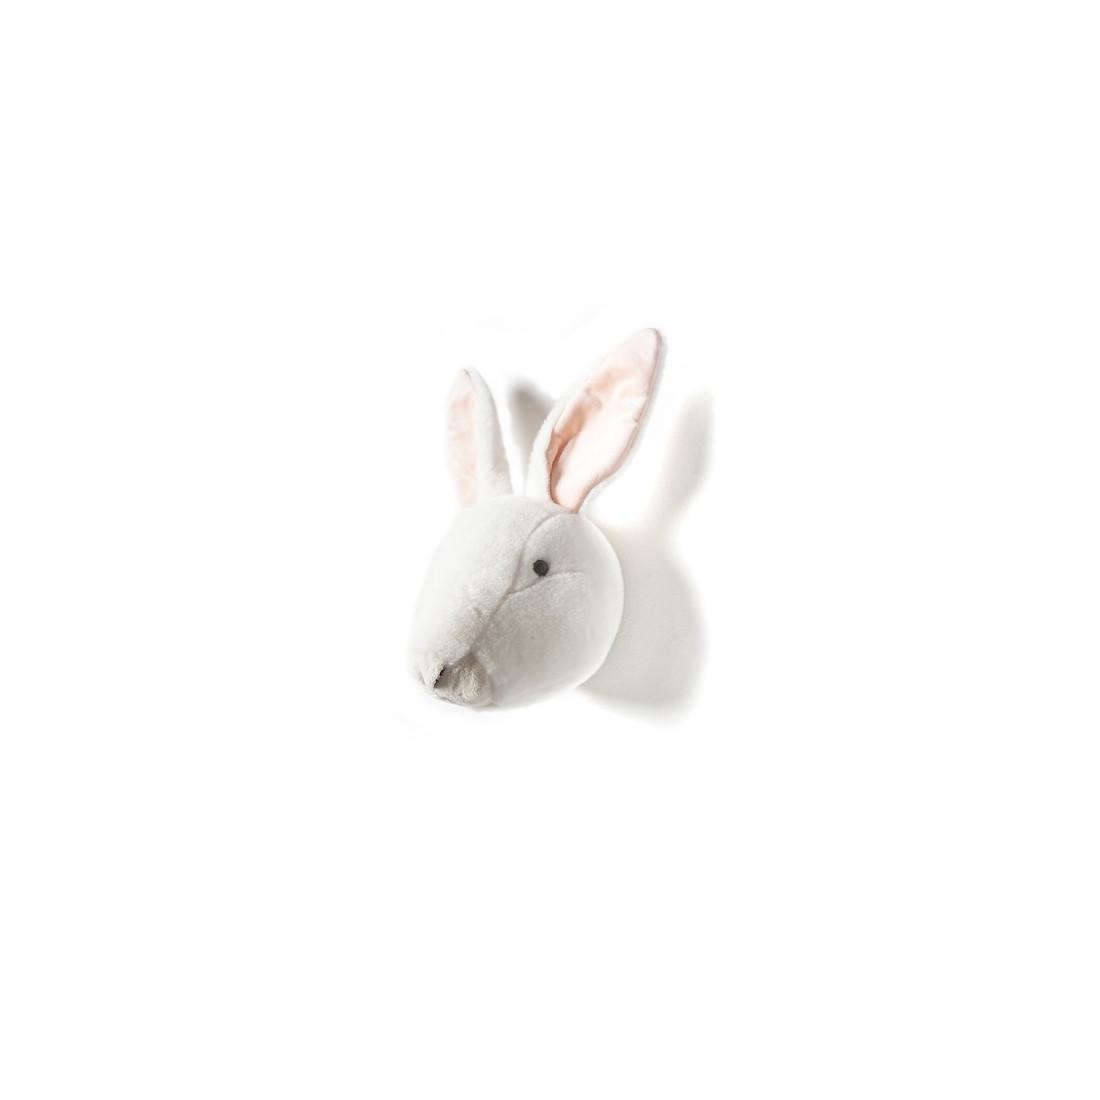 D coration murale enfant lapin blanc for Decoration murale blanc